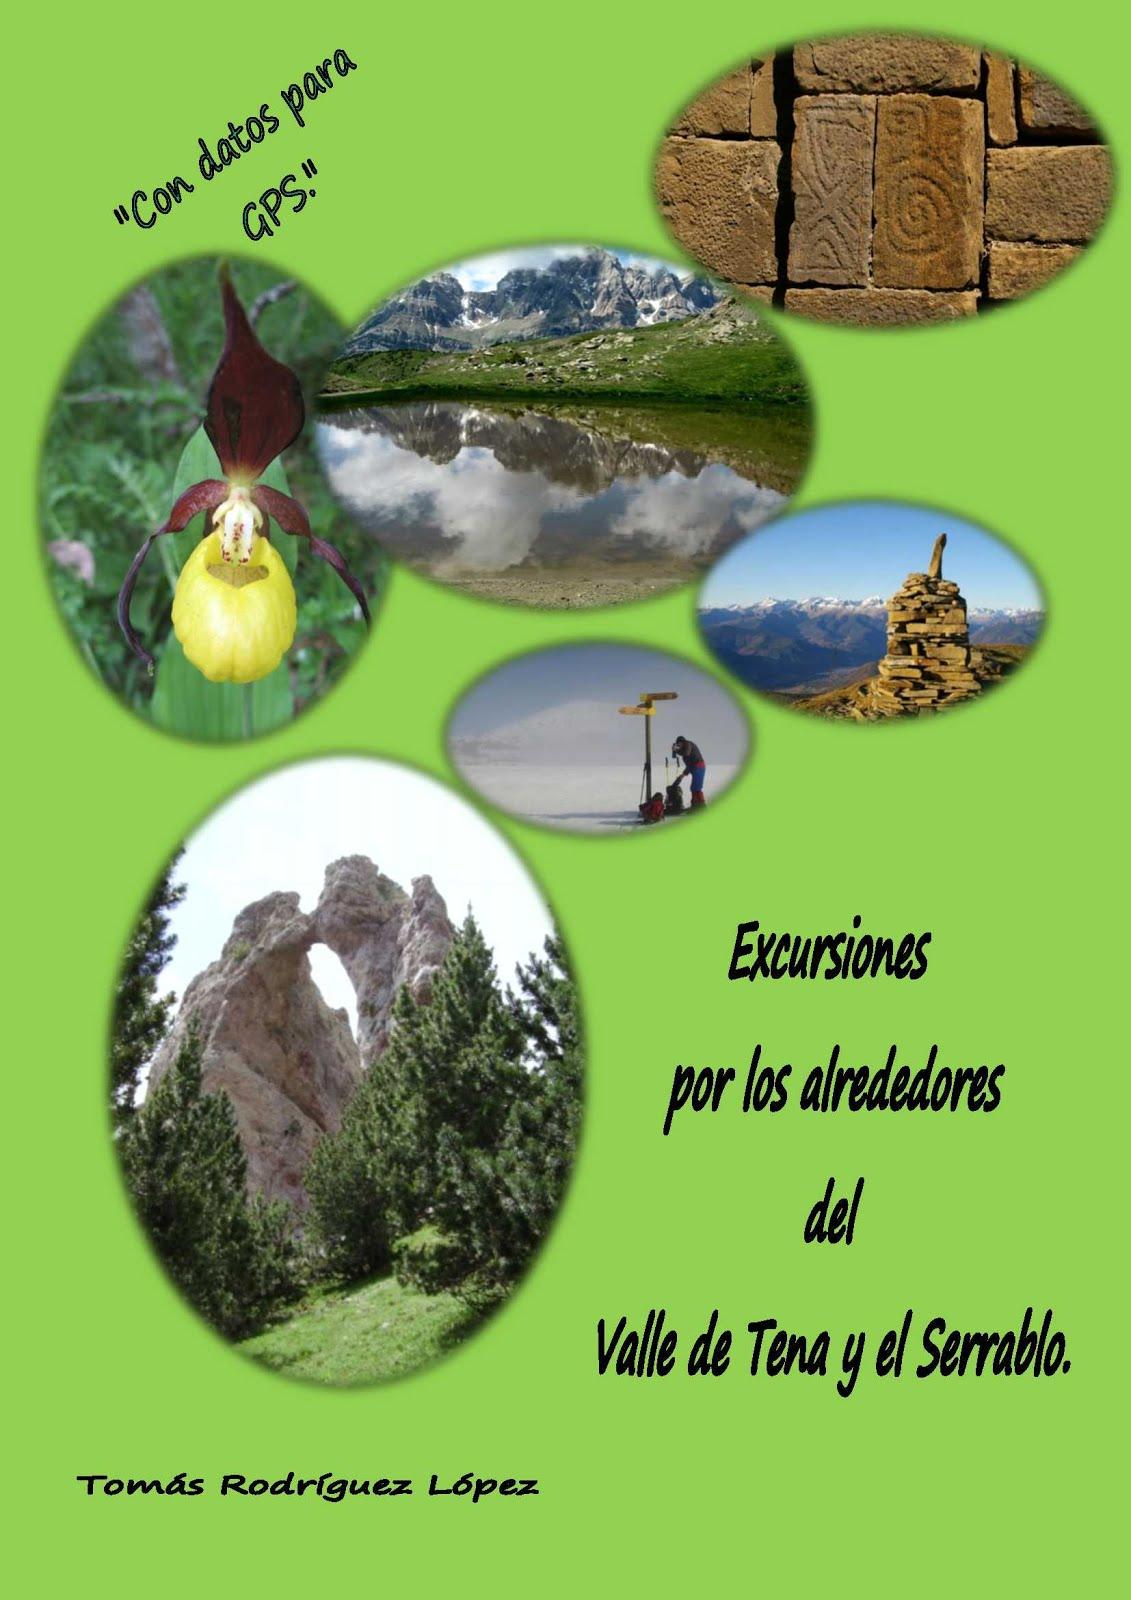 EXCURSIONES POR LOS ALREDEDORES DEL VALLE DE TENA Y EL SERRABLO